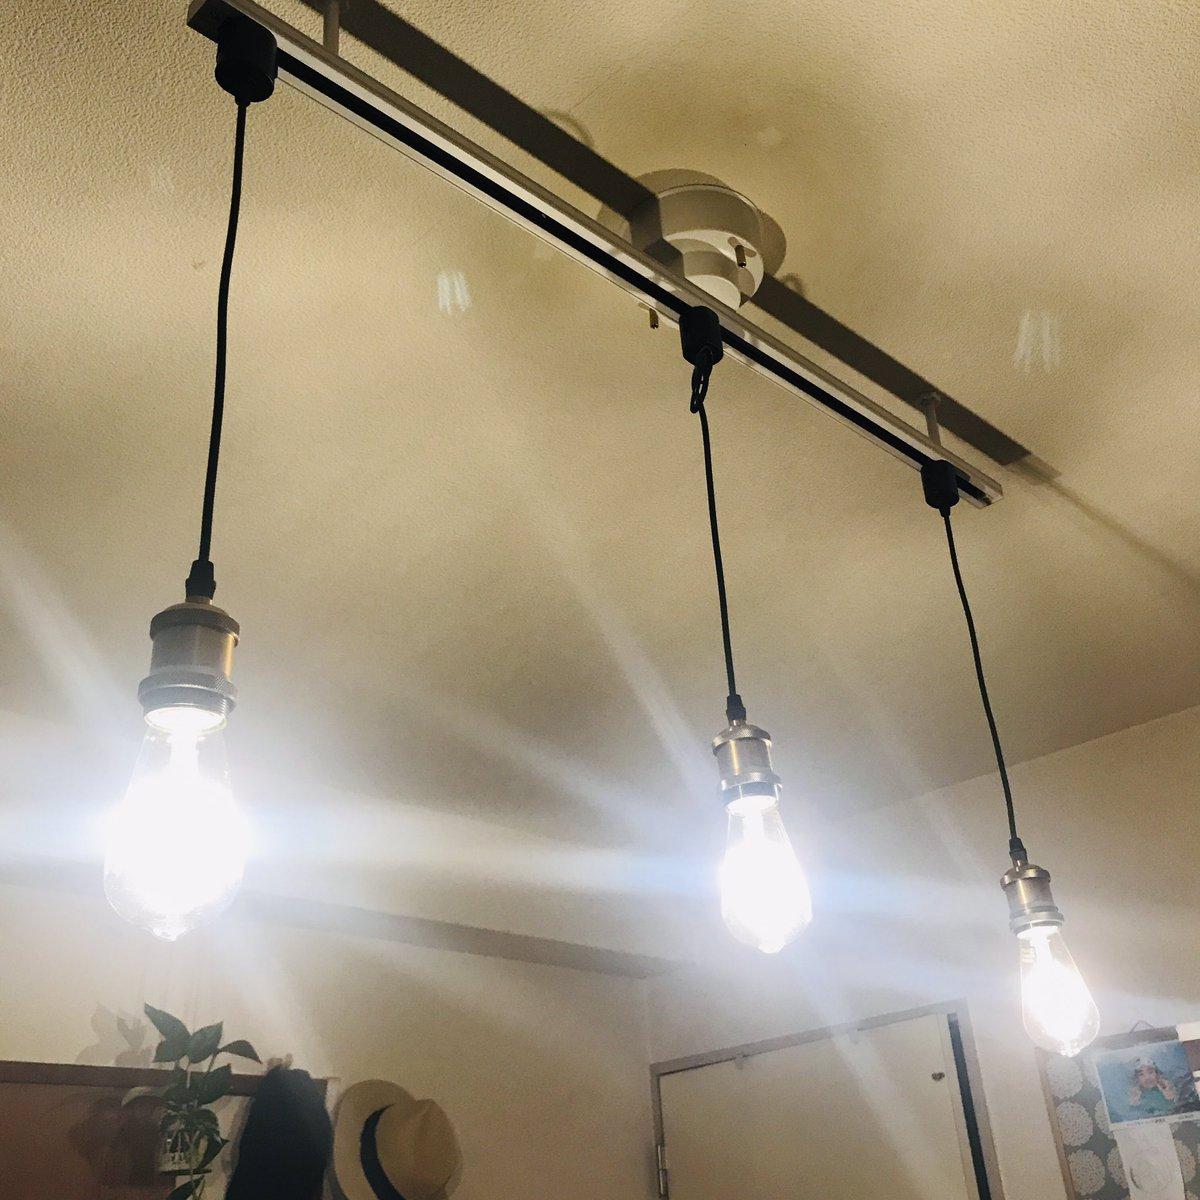 おしゃれカフェをイメージした電灯!「イカ釣り船みたい」と言ったら奥様に怒られた…